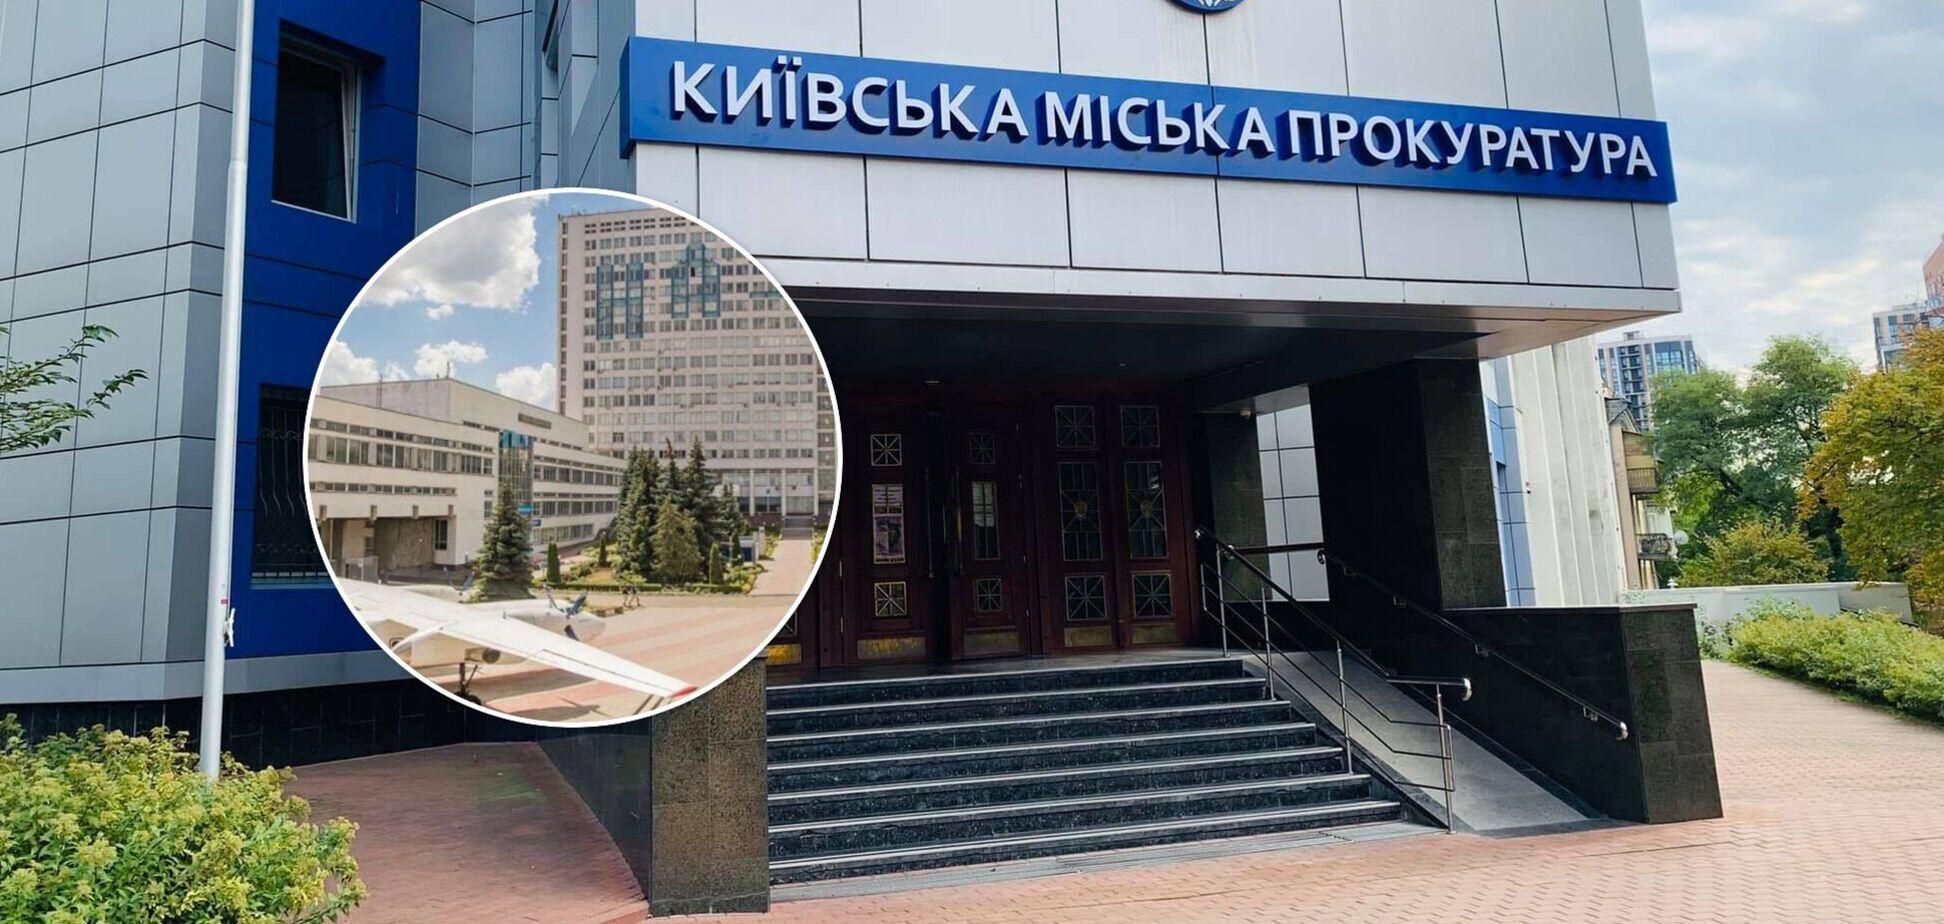 Решение принял Киевский апелляционный суд